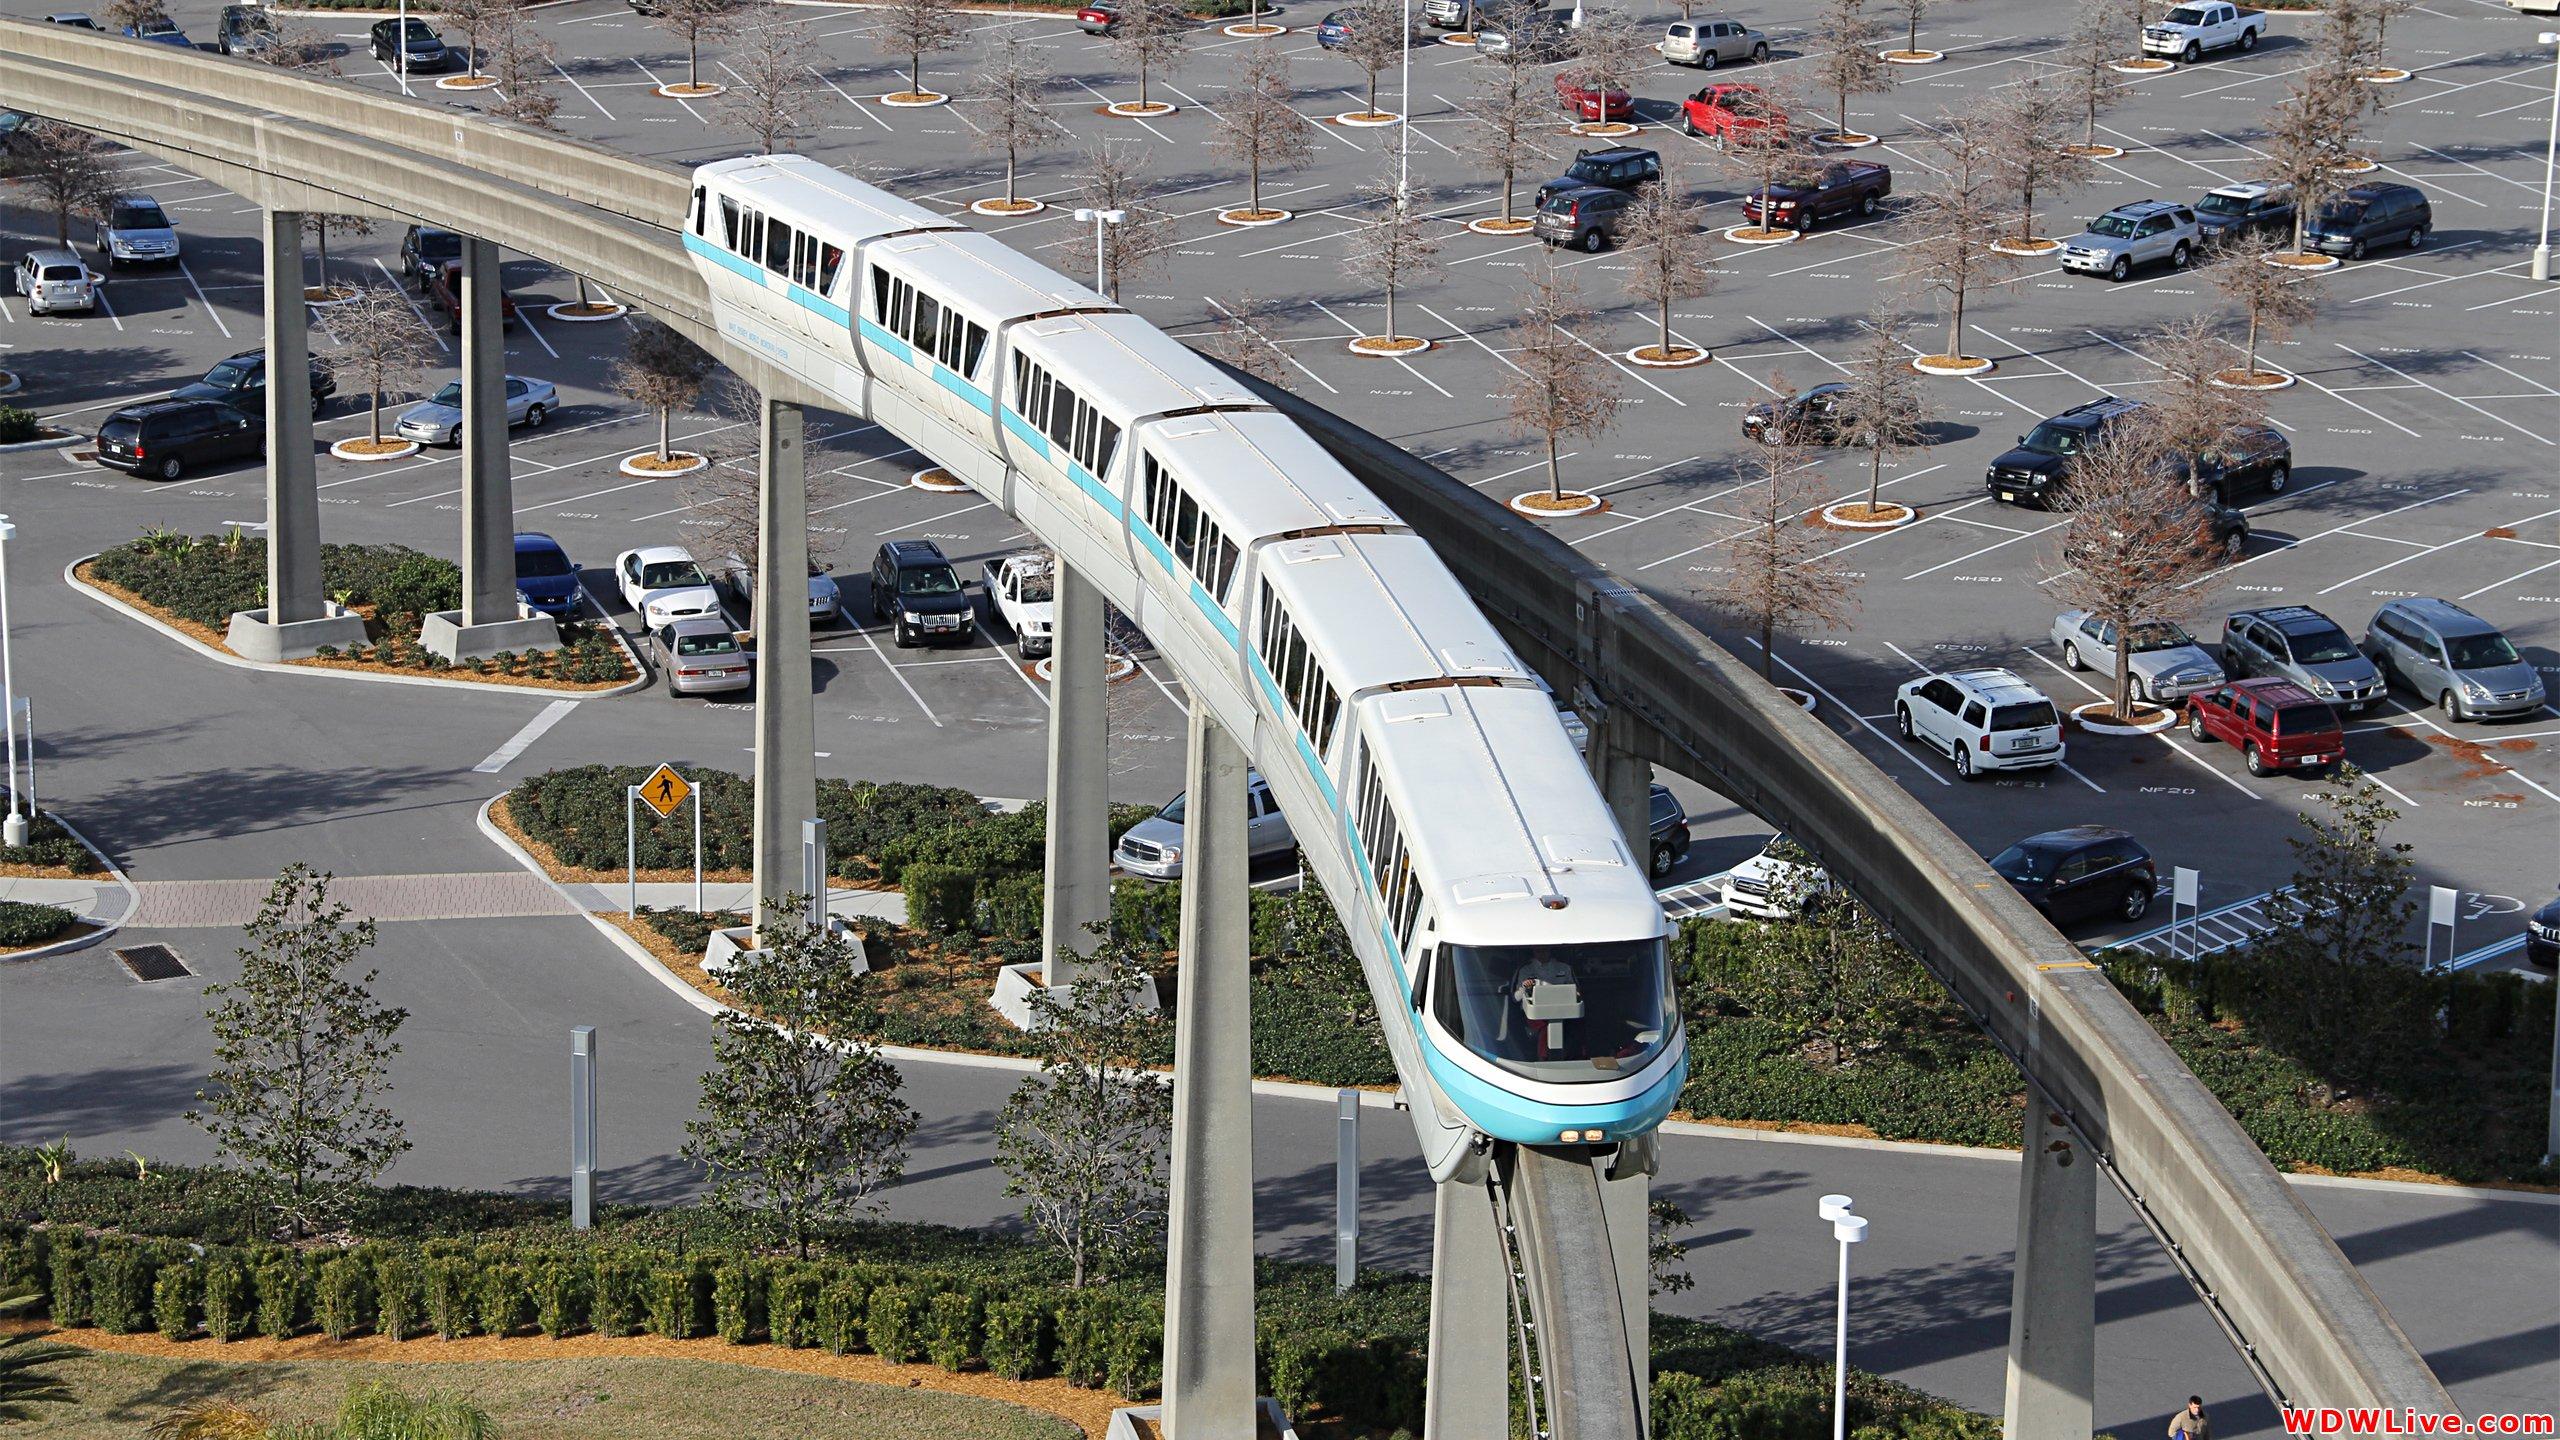 Hình ảnh Nước ngoài có xây đường sắt trên cao uốn lượn như ở Việt Nam? số 3